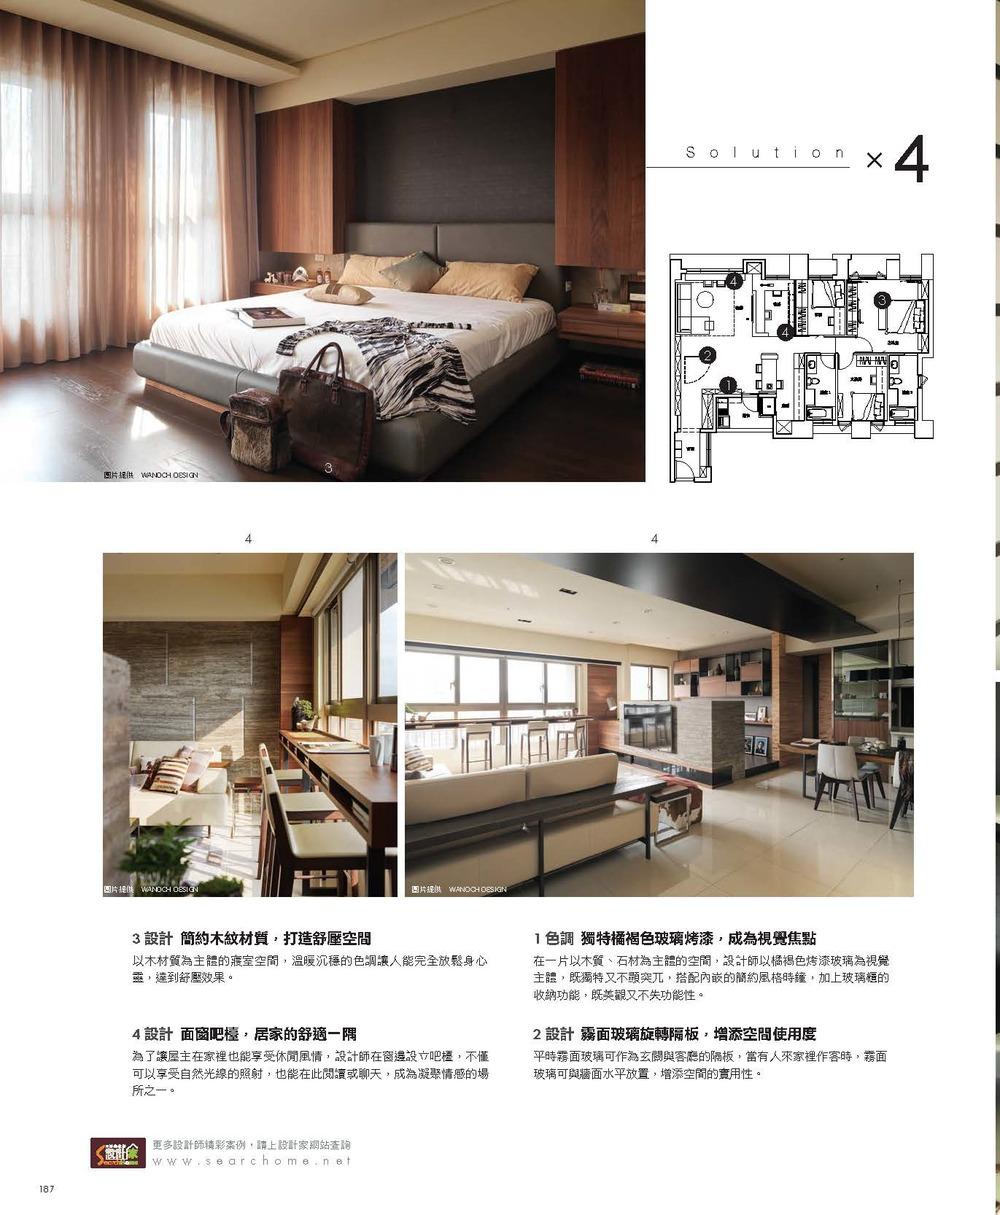 漂居2015-頁面_5.jpg